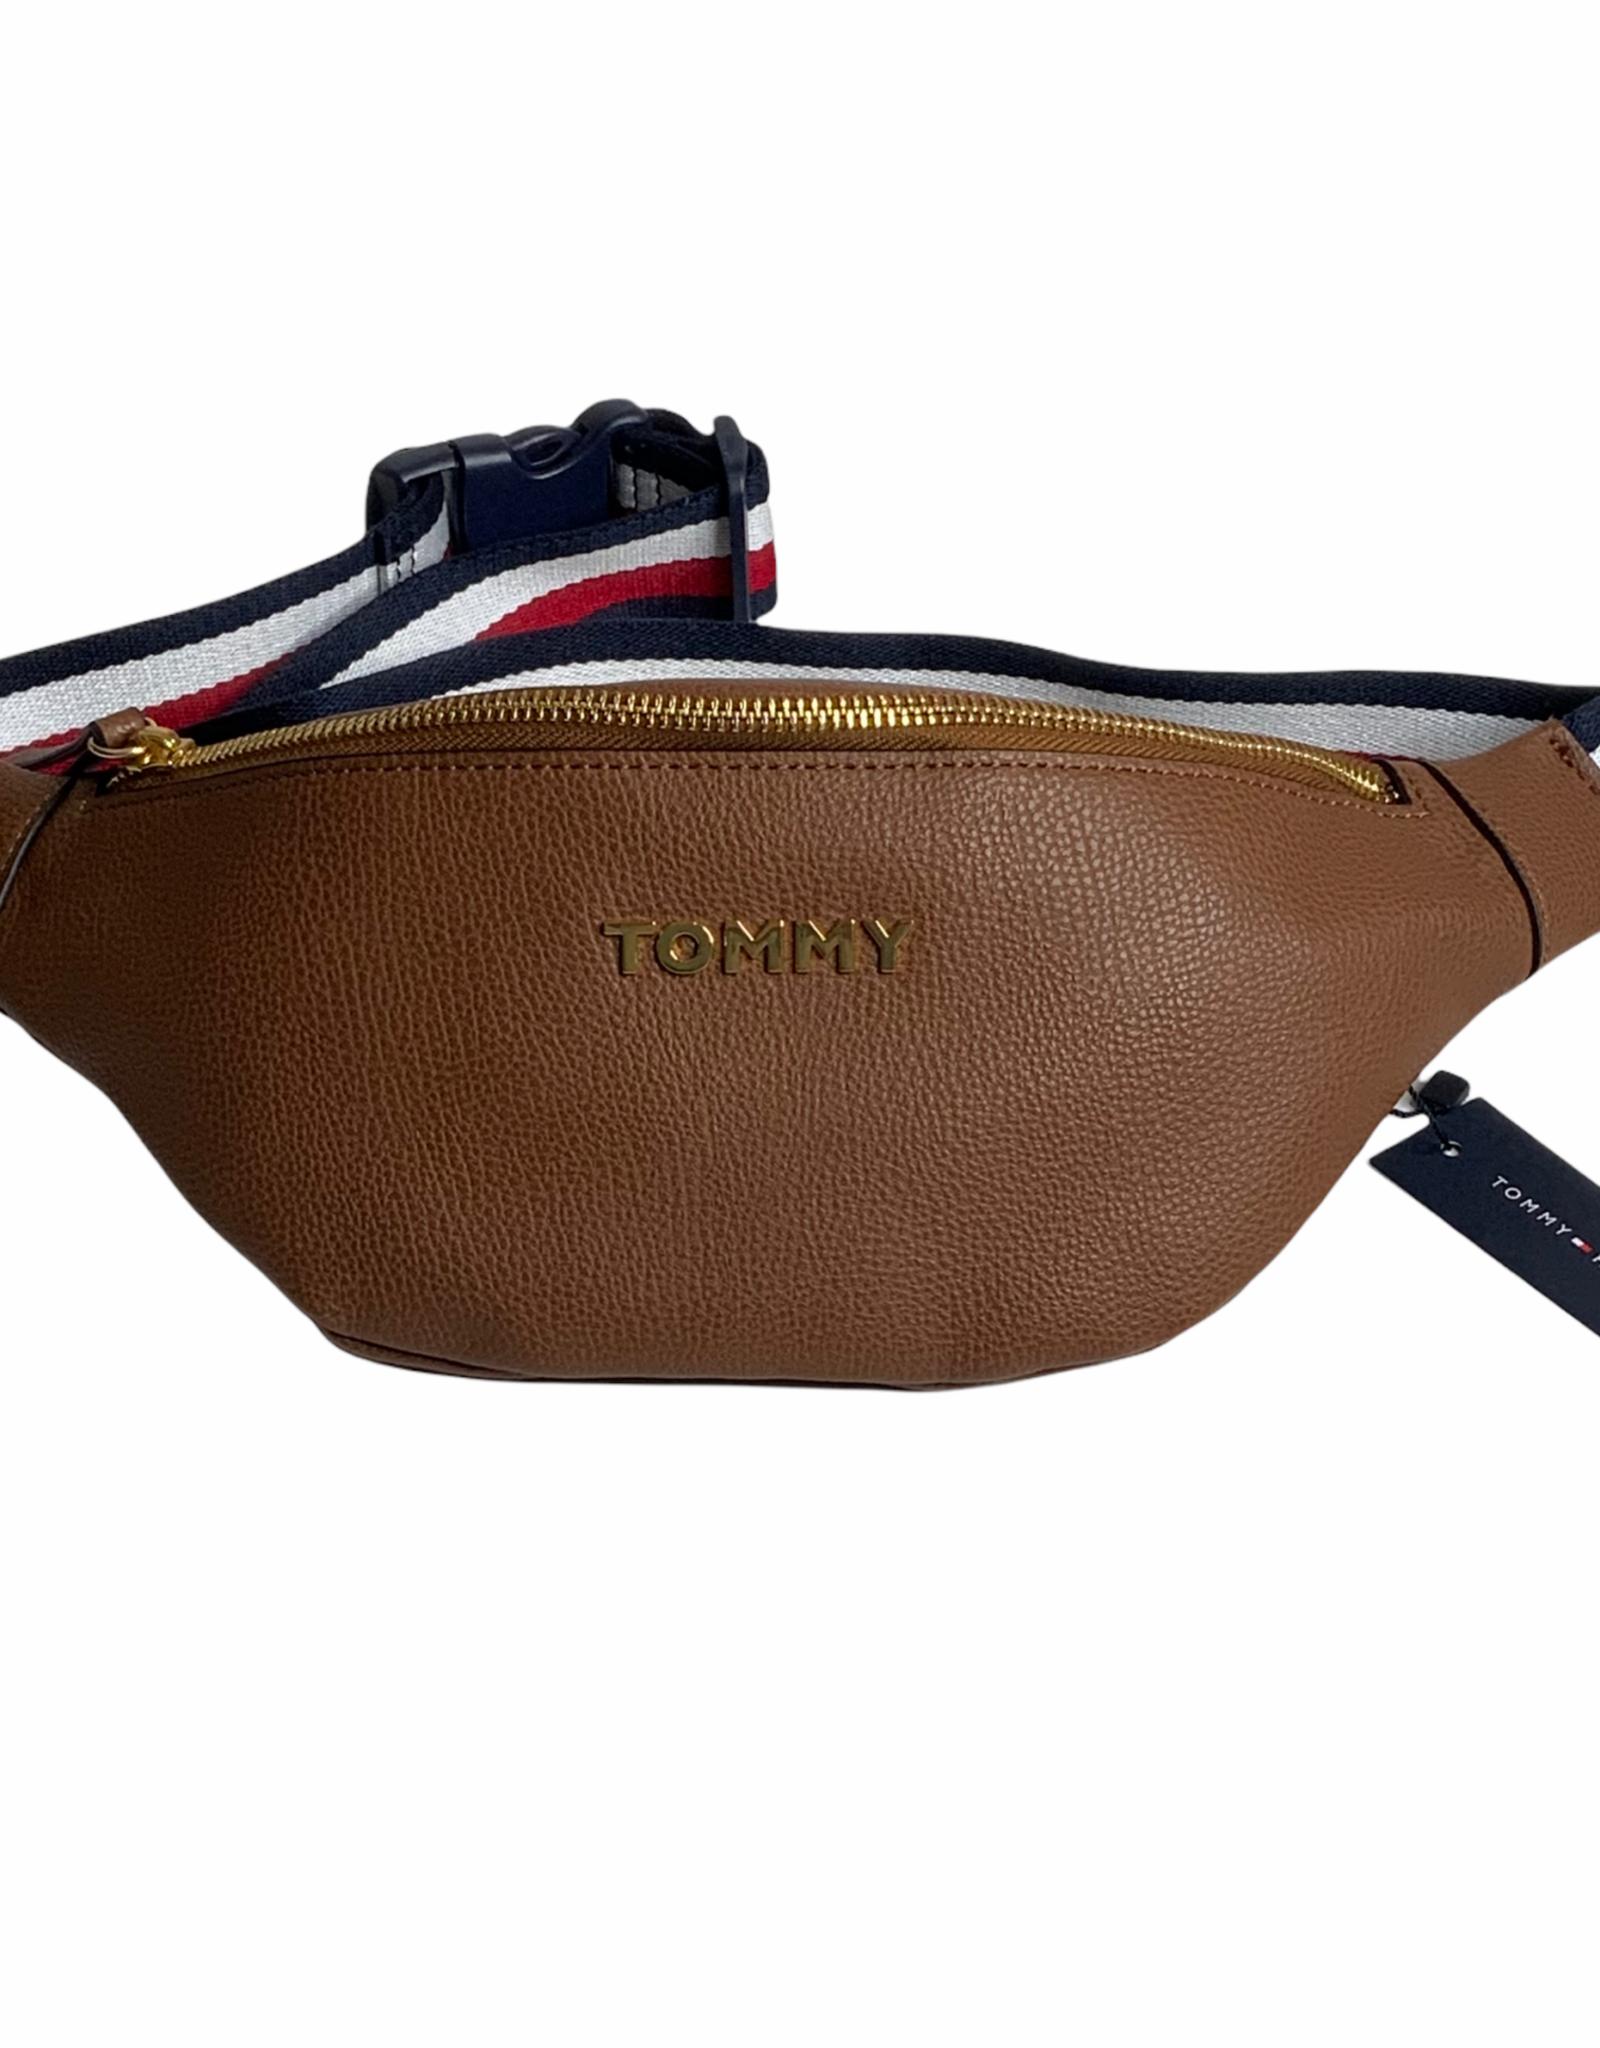 Tommy Hilfiger Tommy Hilfiger Maddie Belt Bag